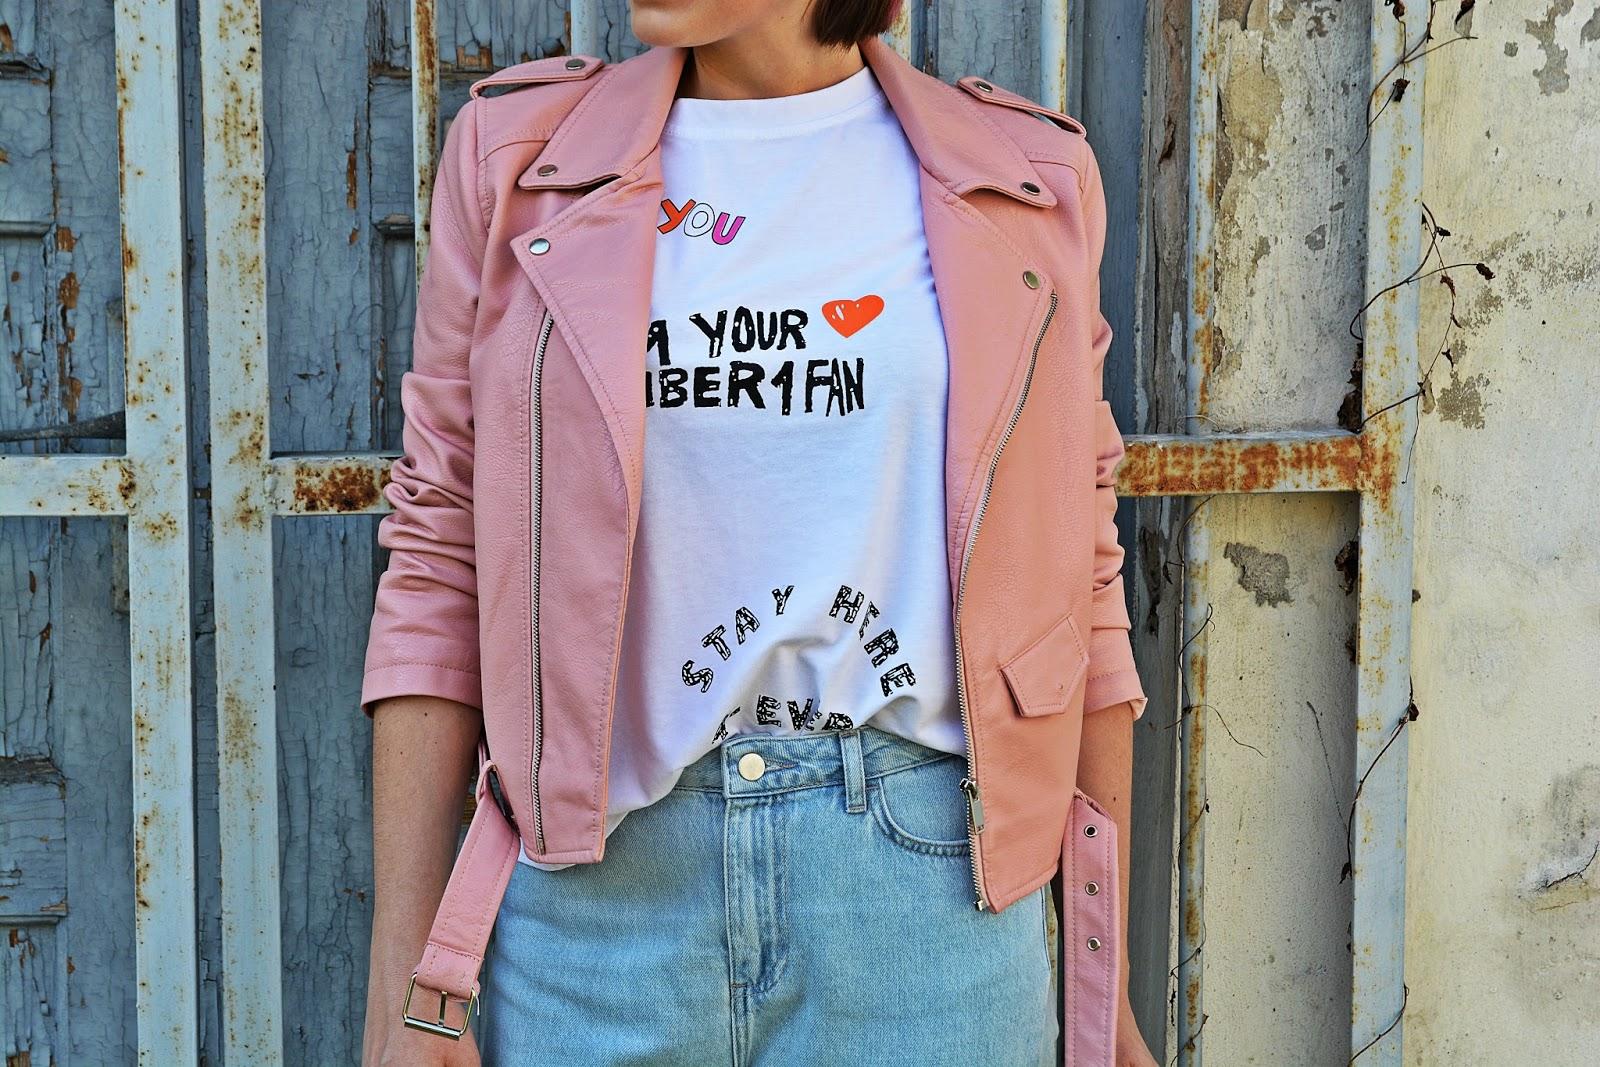 7_nakd_spodnie_jeansy_rozowa_ramoneska_przezroczyste_sandalki_renee_karyn_blog_modowy_220418